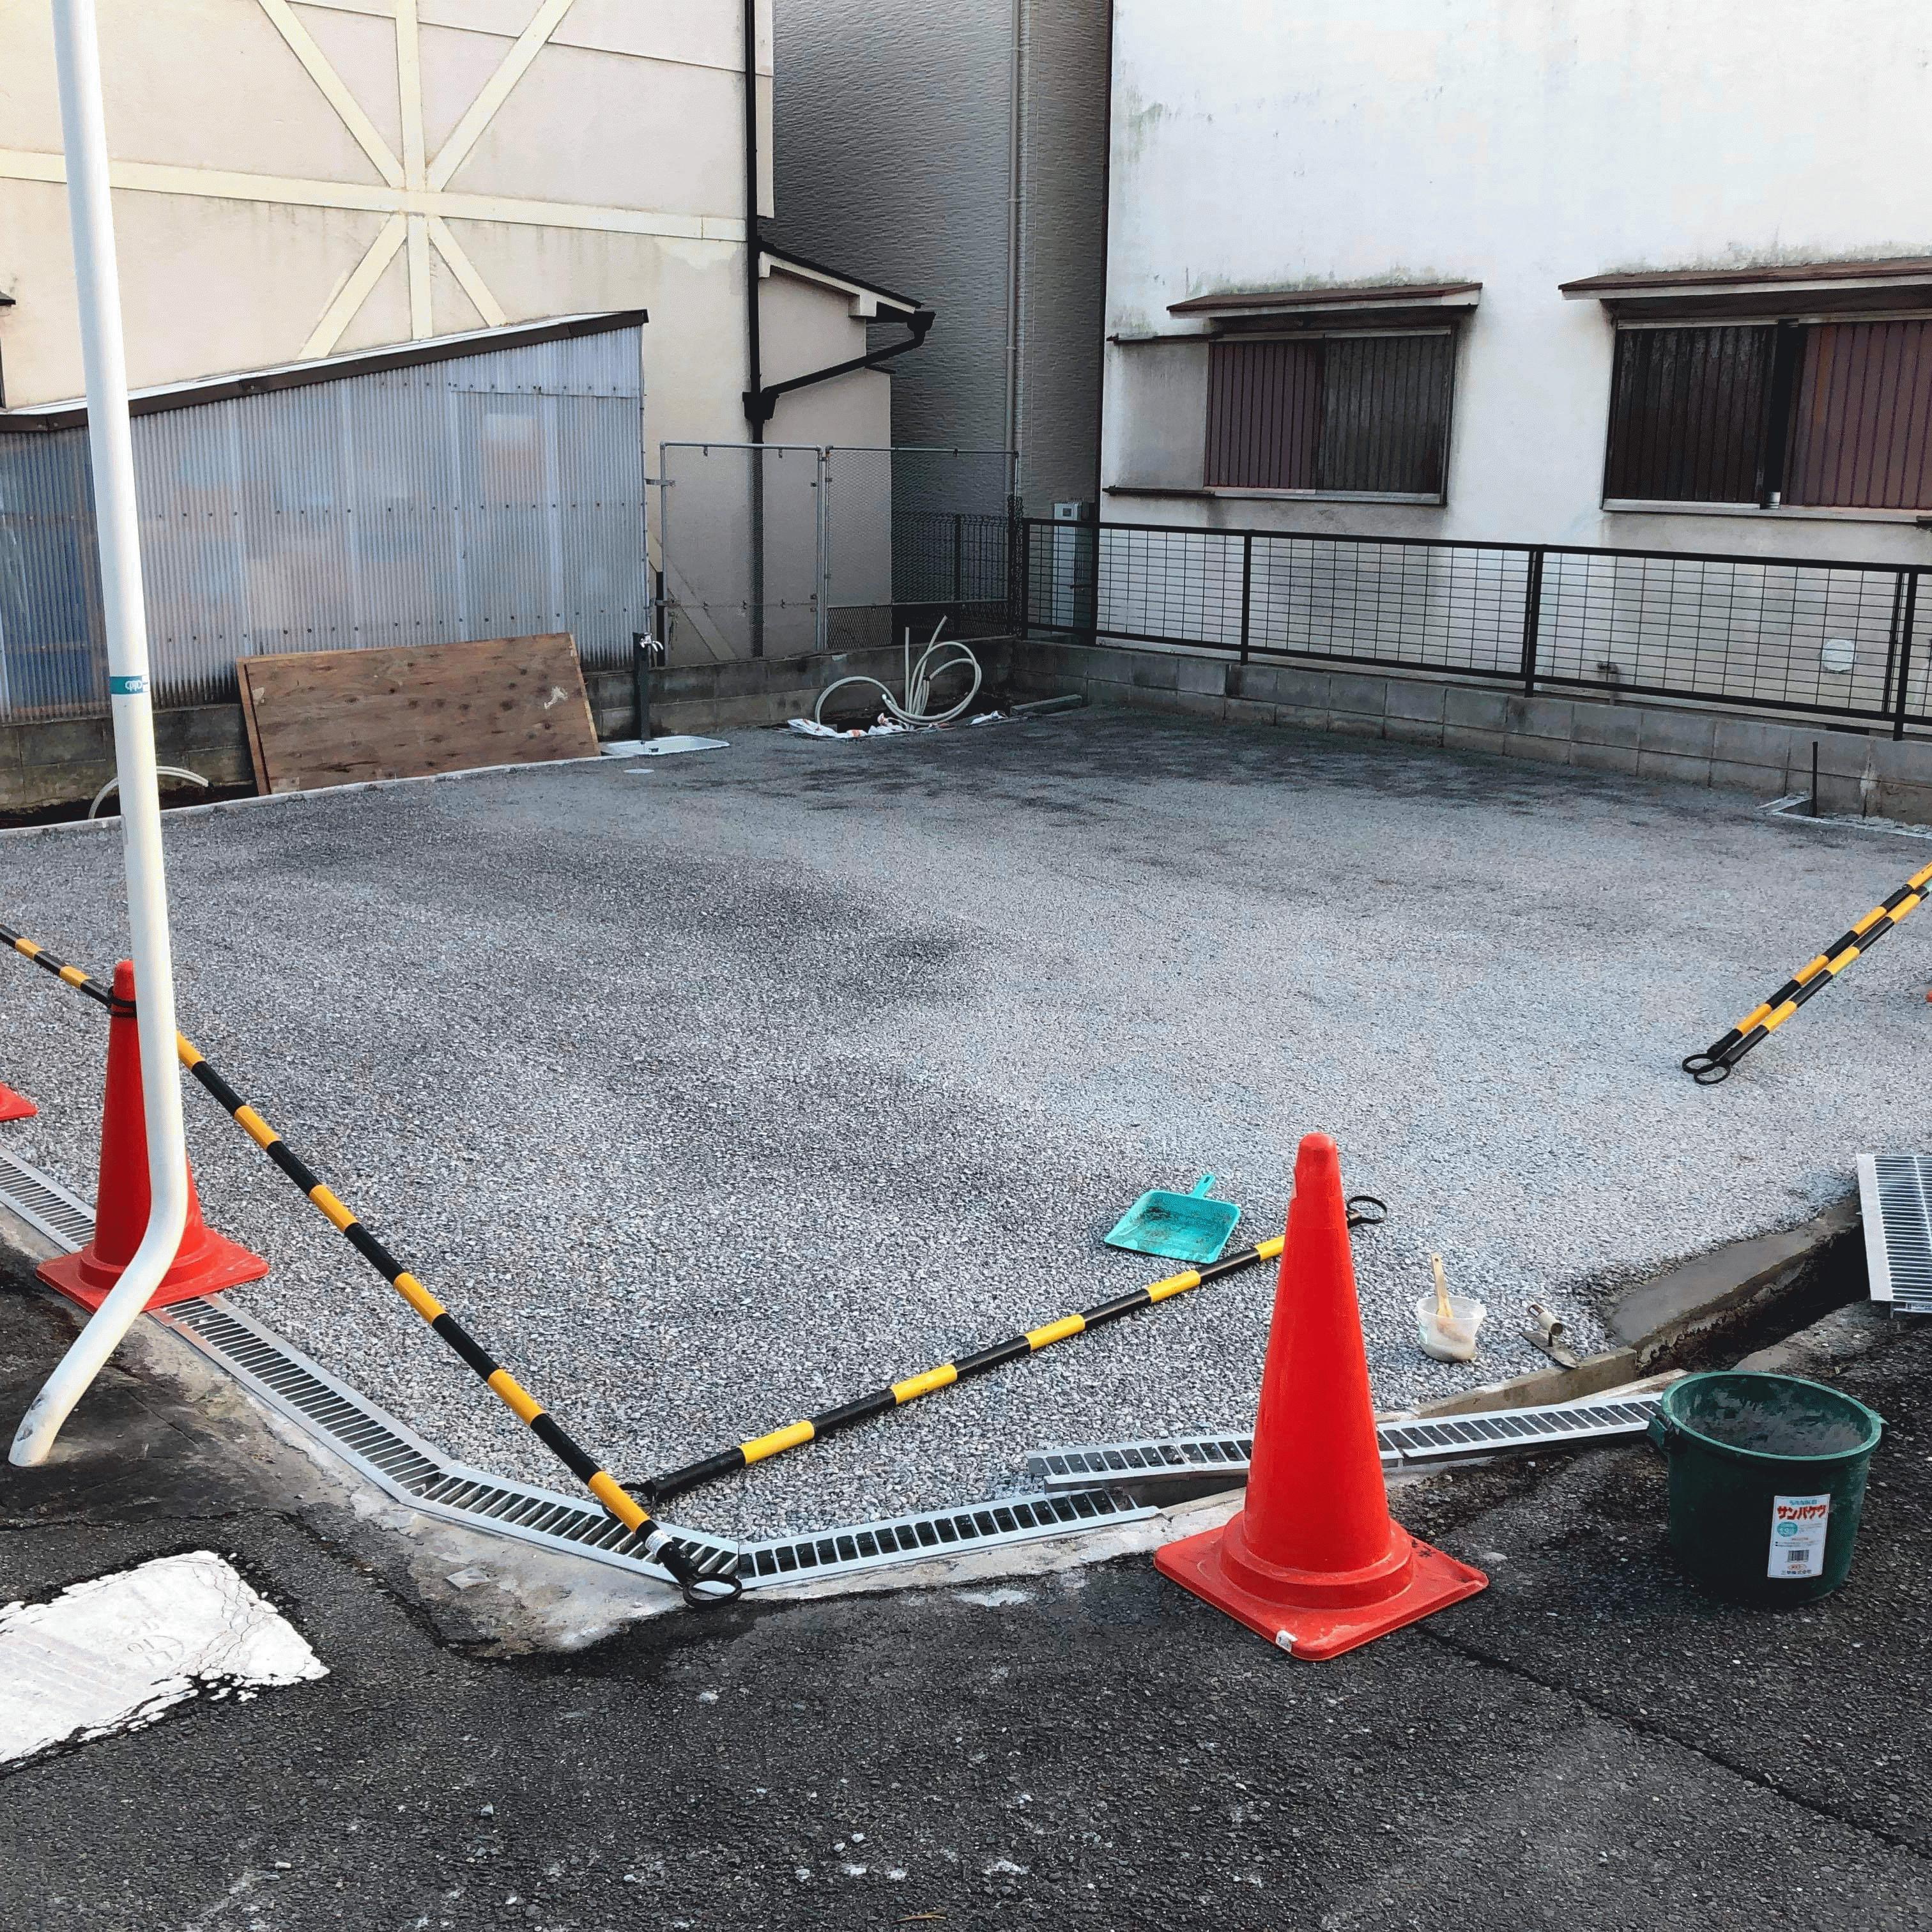 【大阪】「自分で《雑草》《水はけ》の対策をしちゃう最近の《素人》《DIYer》はすごい」寝屋川コンクリート